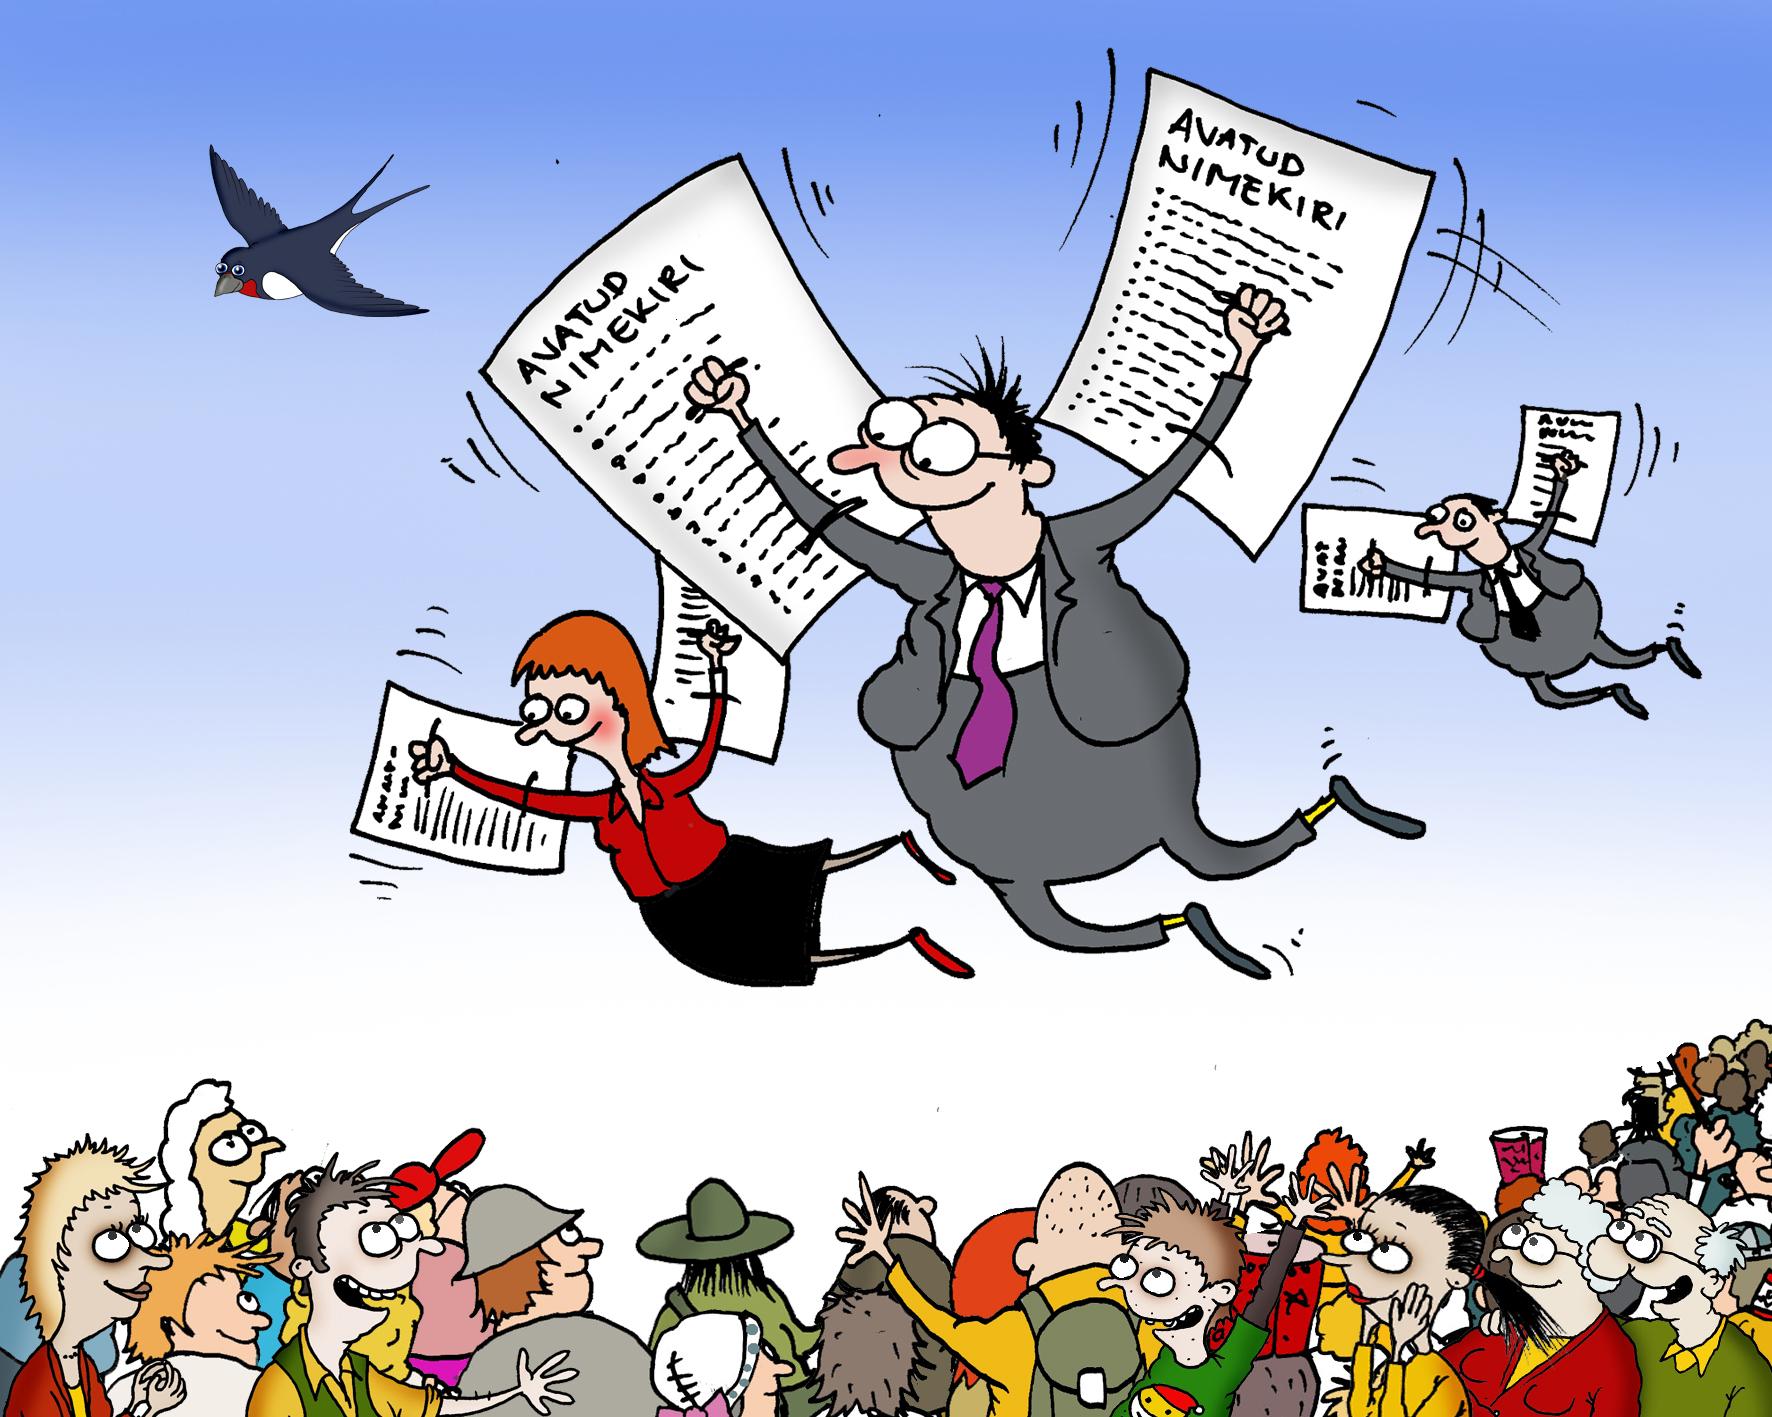 01.12   (illustratsioon: Urmas Nemvalts)   Muuta Riigikogu valimised valimisteks avatud nimekirjade alusel ning viia läbi valimisringkondade suuruse võrdsustamine. Kui suletud nimekirjadega jätkata, peaks RK liikme teenistusaeg piirduma kuni kahe järjestikuse tsükliga.